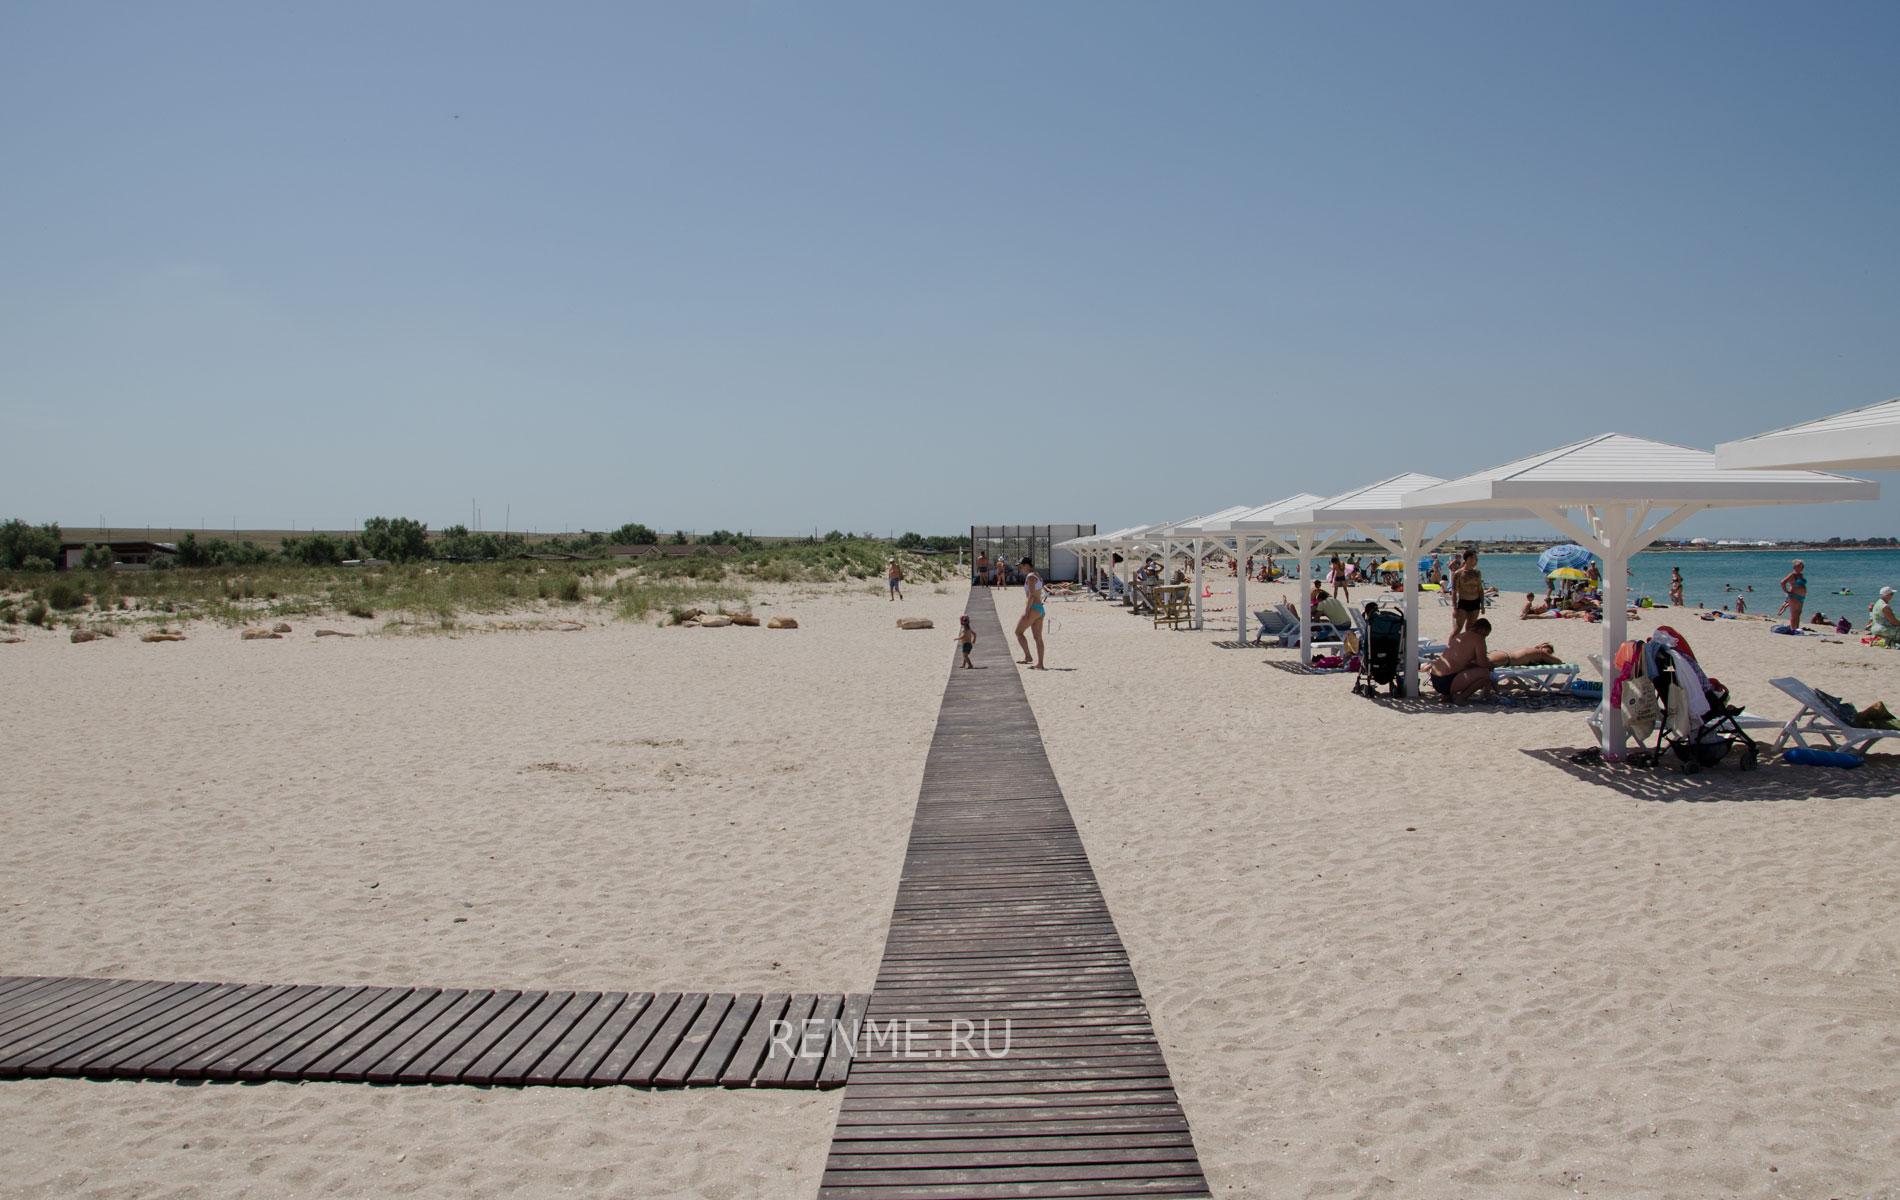 Пляж SUNSET слева от входа. Фото Оленевки